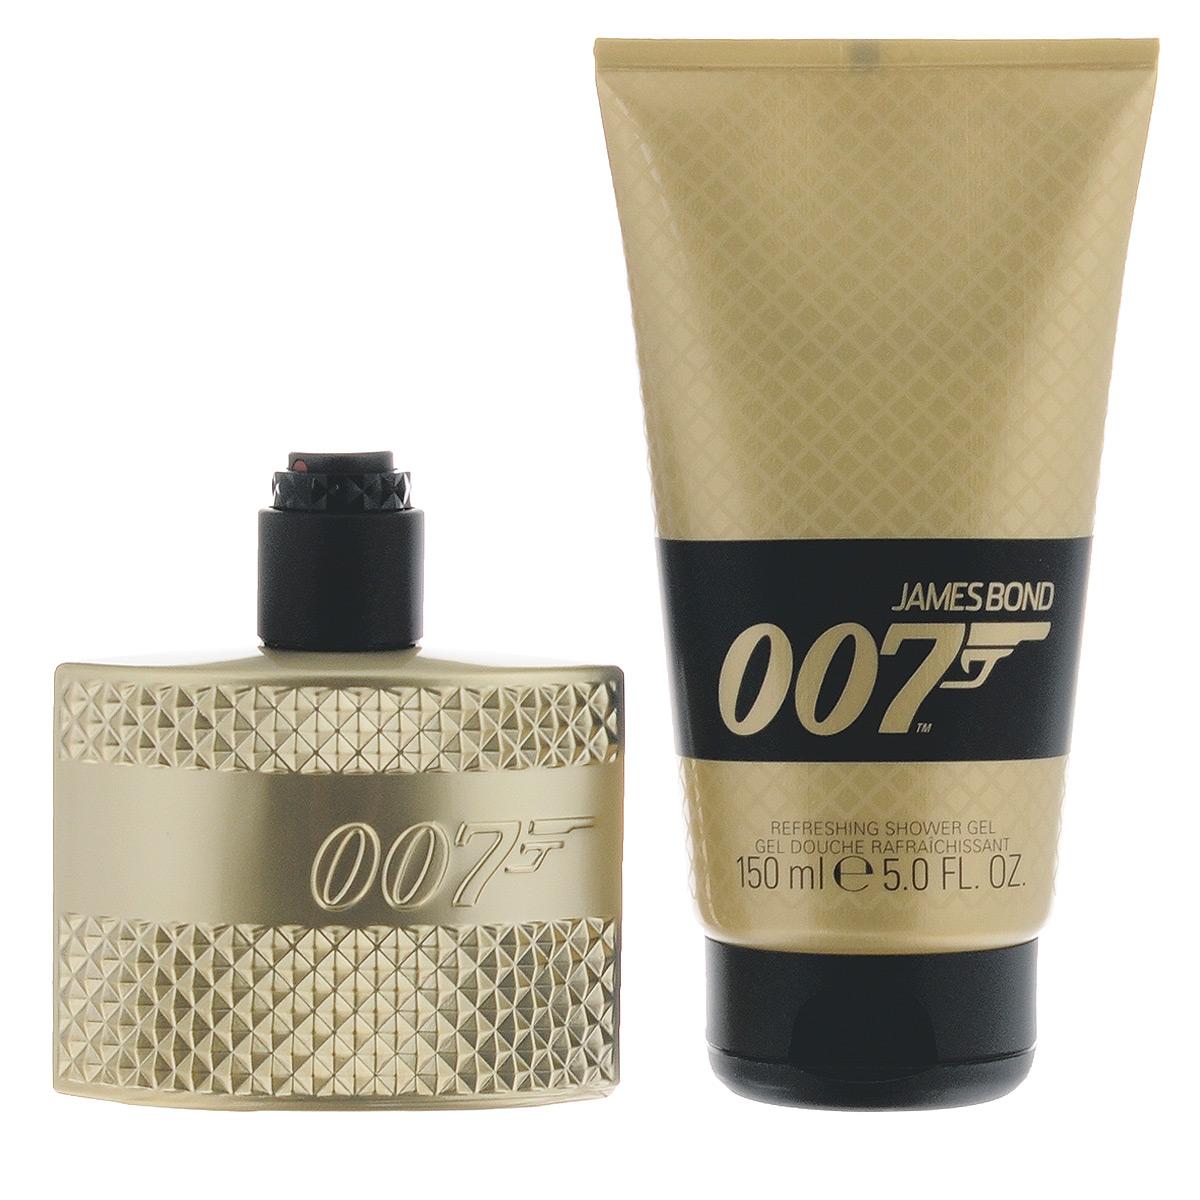 James Bond Подарочный набор Agent 007, мужской: туалетная вода, гель для душа